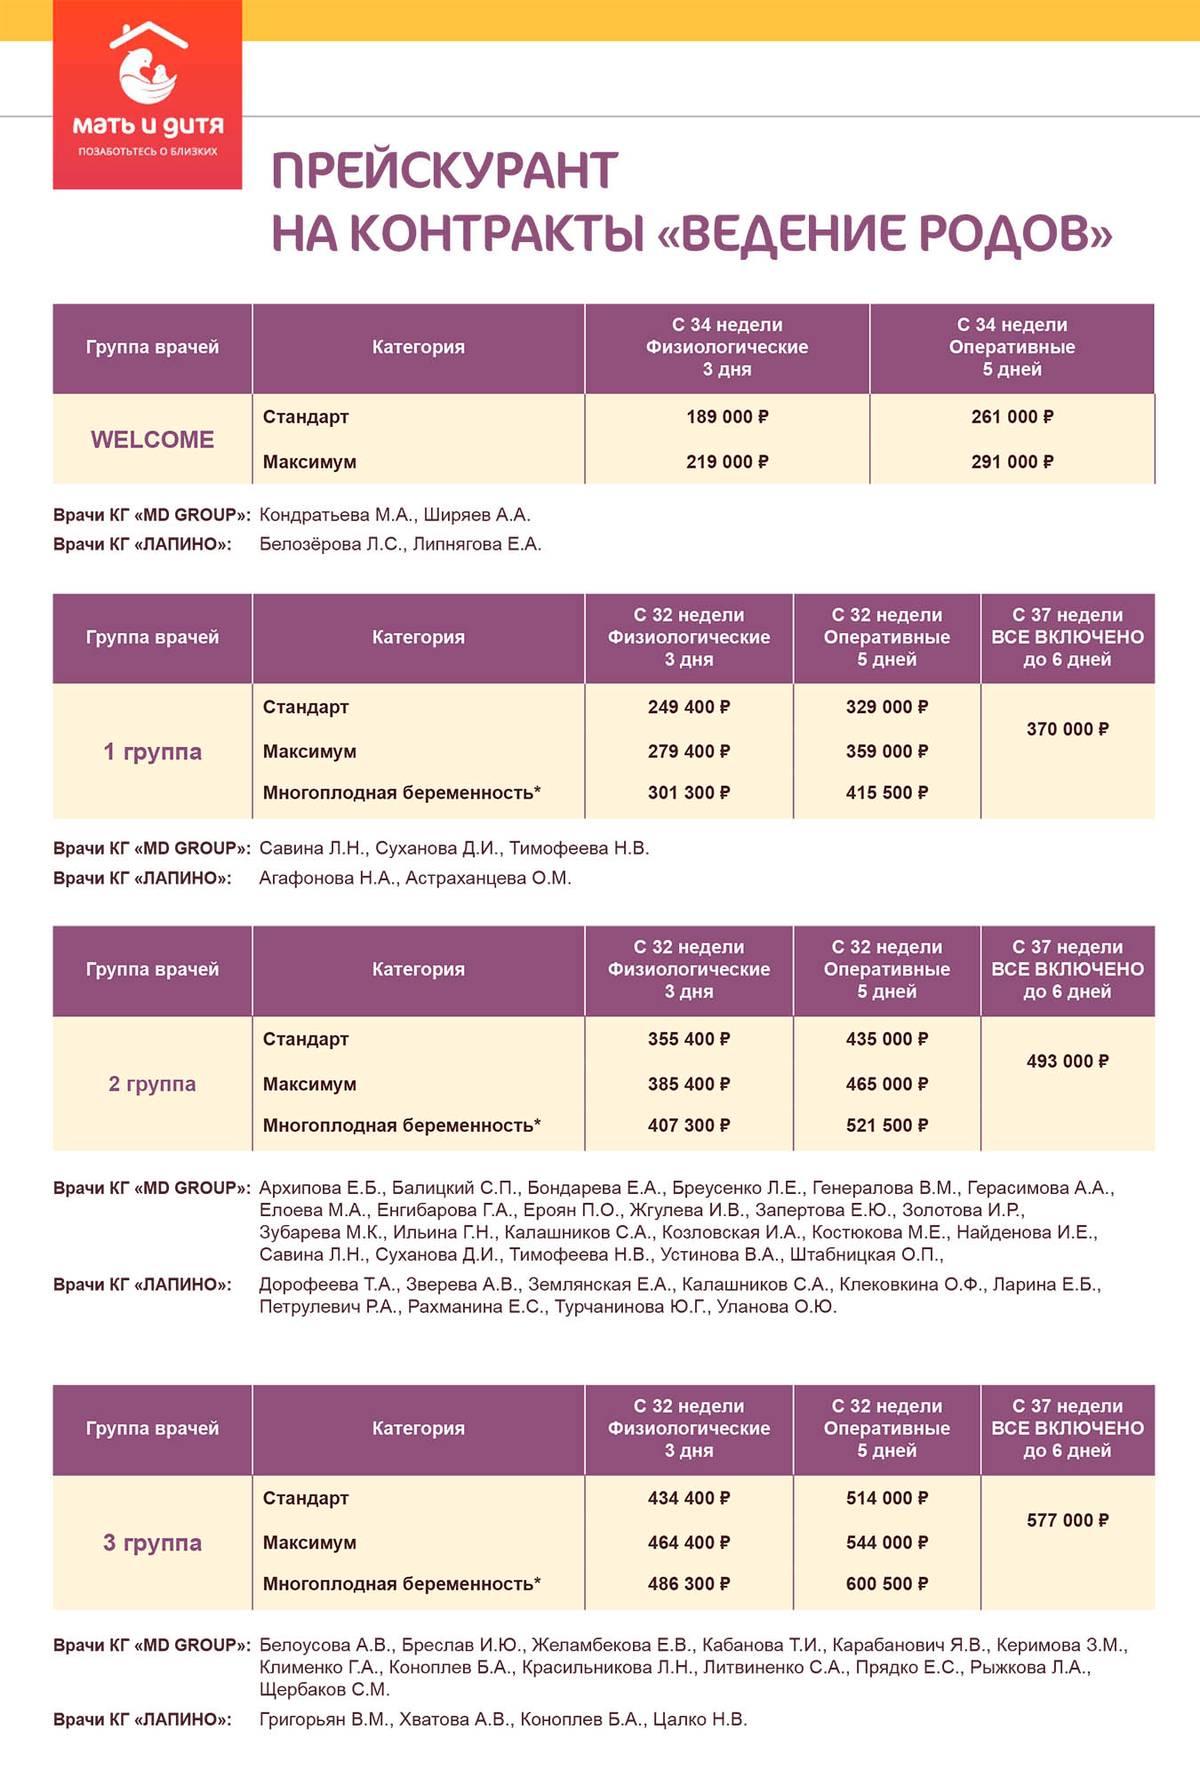 В частной клинике «Мать и дитя» стоимость естественных родов начинается с 189 000<span class=ruble>Р</span>, а оперативных — с 219 000<span class=ruble>Р</span>